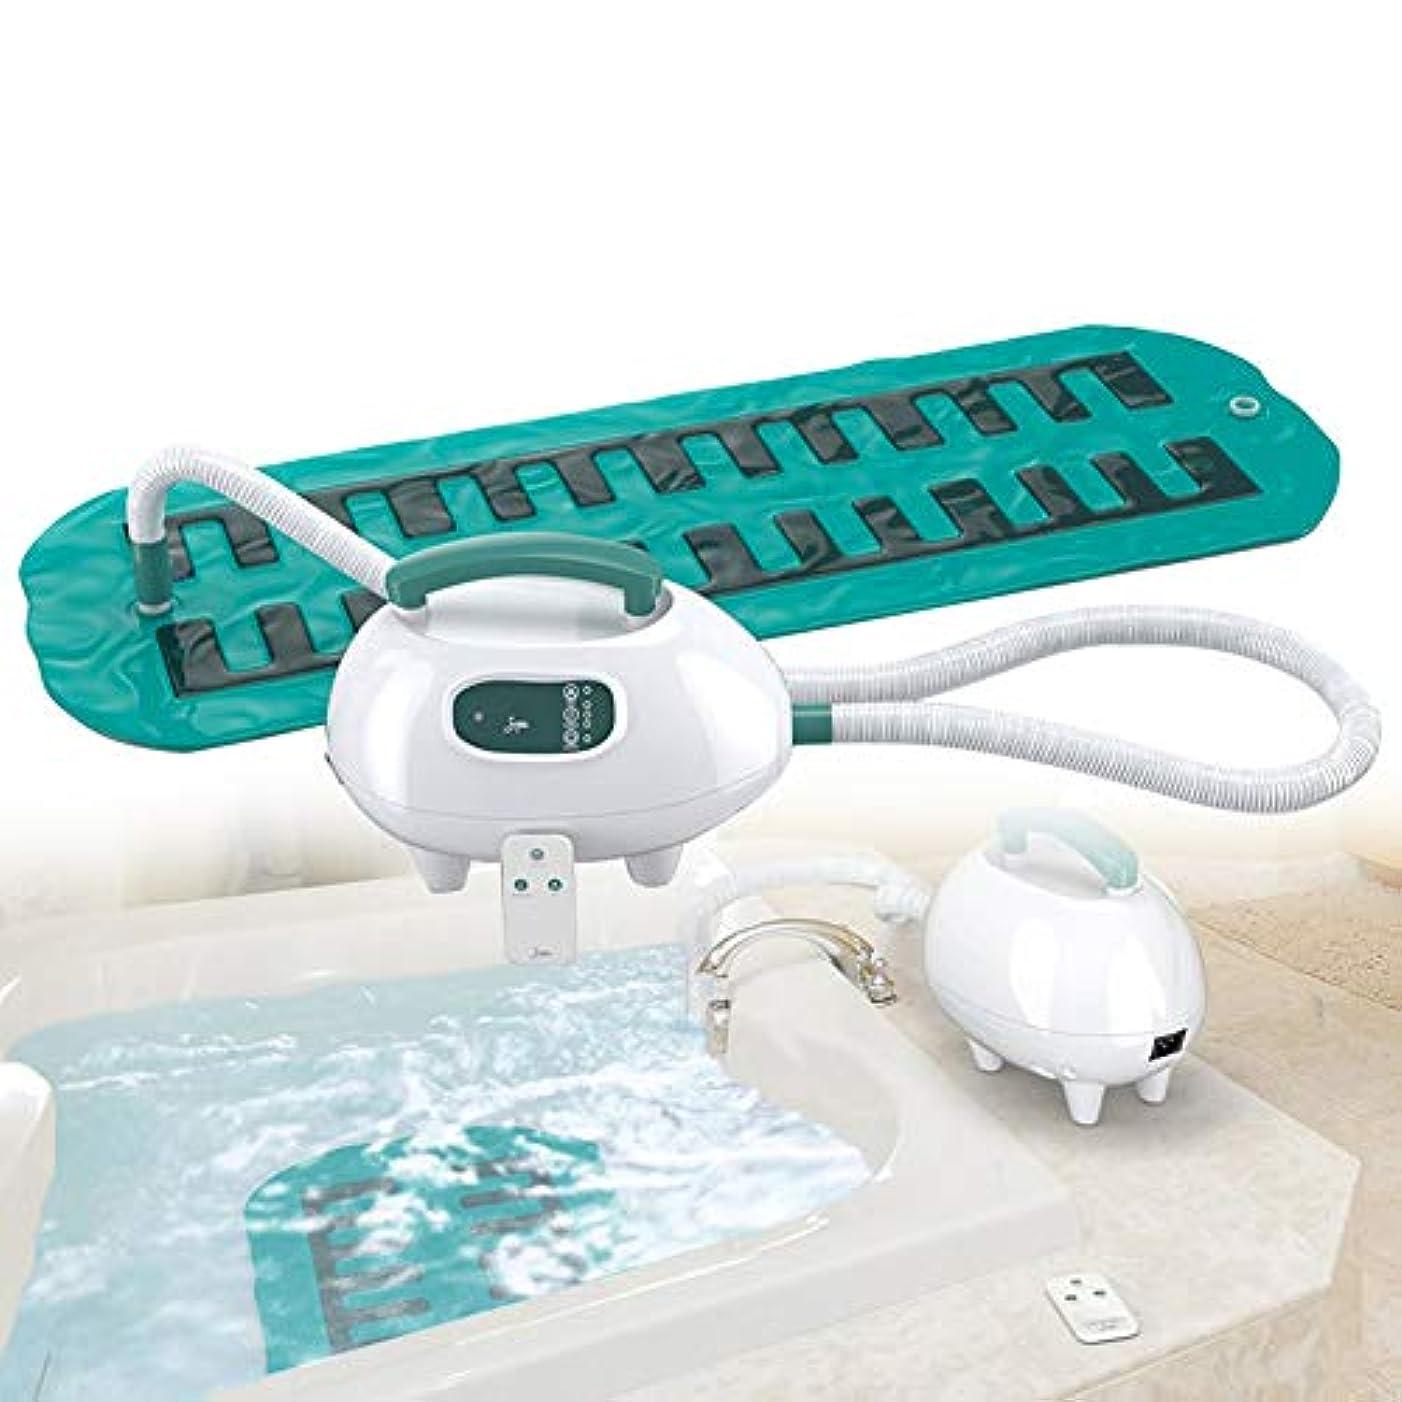 砦たくさんロゴ贅沢 スパ バブル 浴 浴槽 マッサージ師、 ポータブル スパ 空気 浴槽 防水 滑り止め マット にとって くつろぐ マッサージ 体 と 熱 強力な 3 速度 リモコン & サクションカップ 底